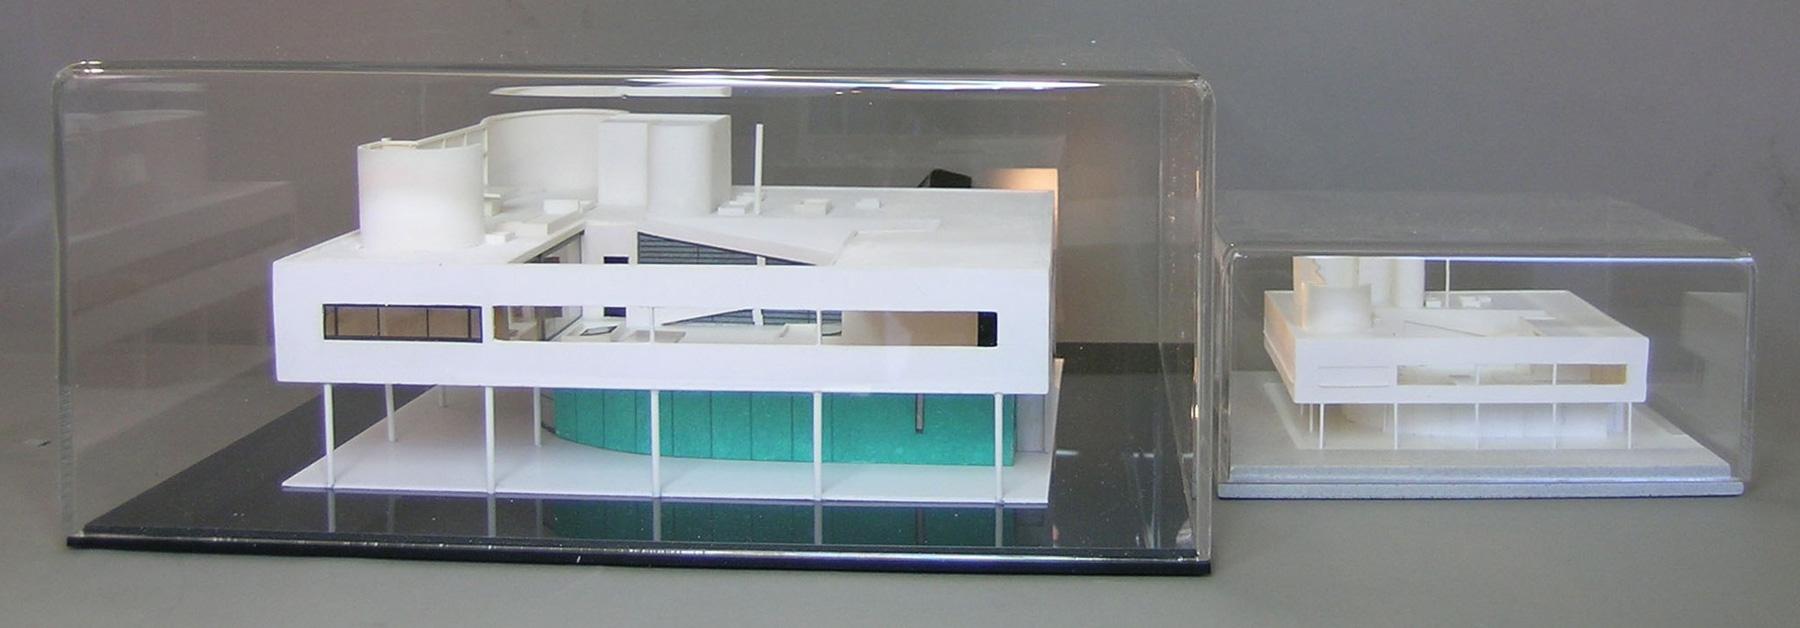 Il plastico di villa savoye for Progetti di costruzione famosi